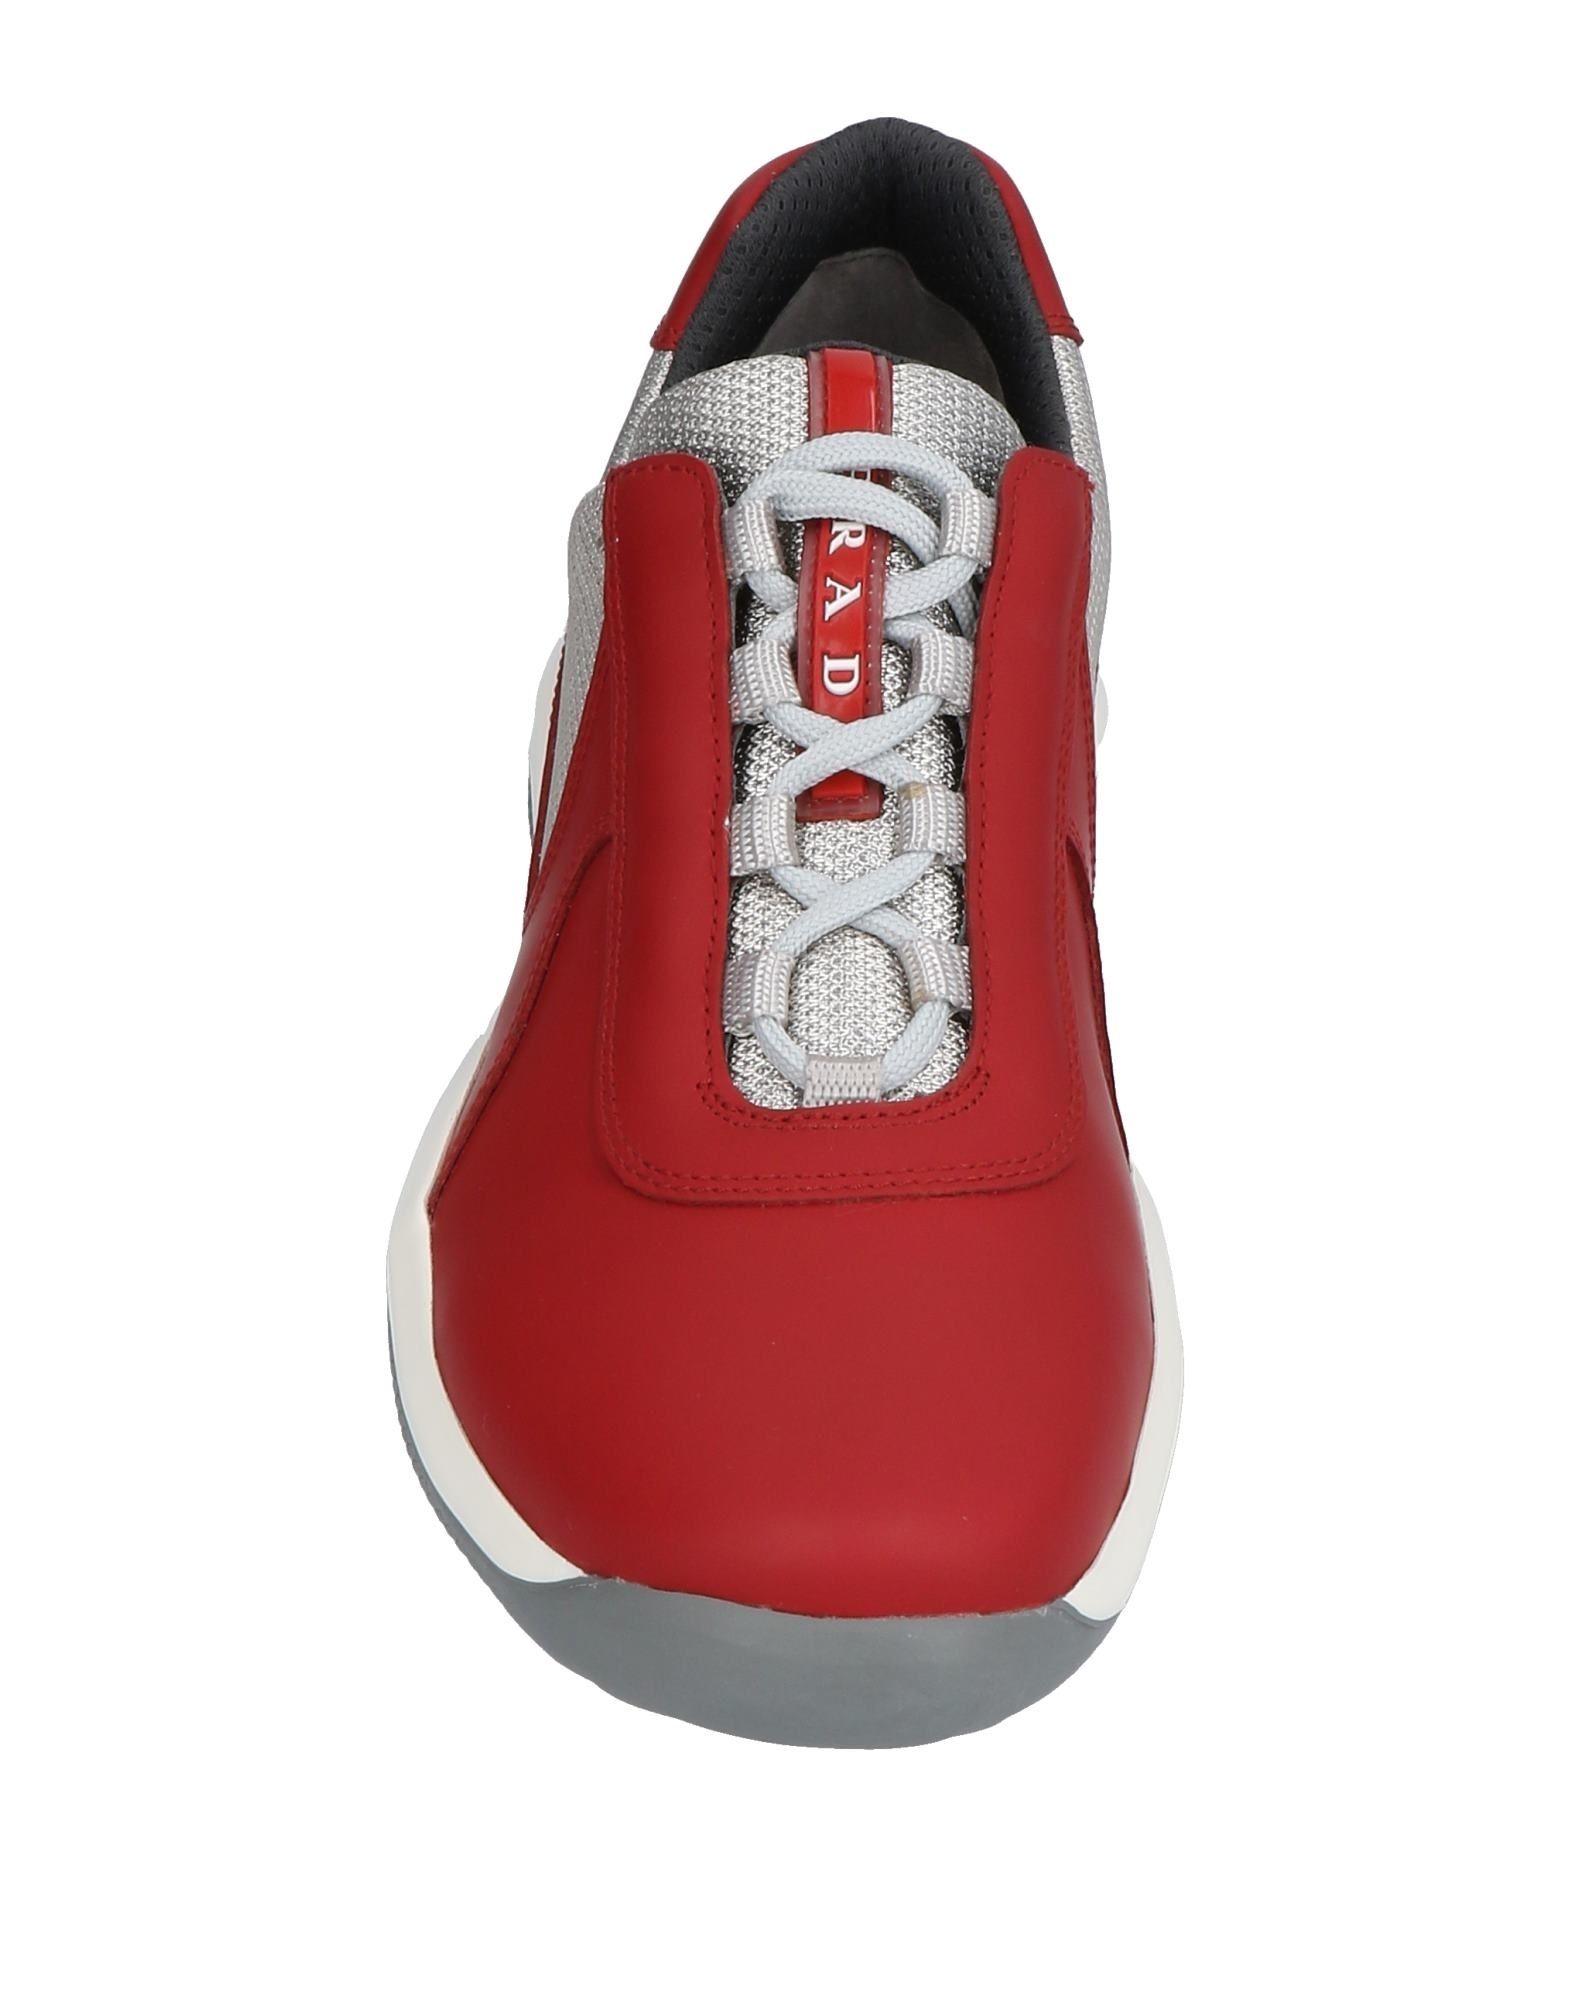 Prada Sport Sneakers Herren  Schuhe 11492757BX Gute Qualität beliebte Schuhe  6a96e1